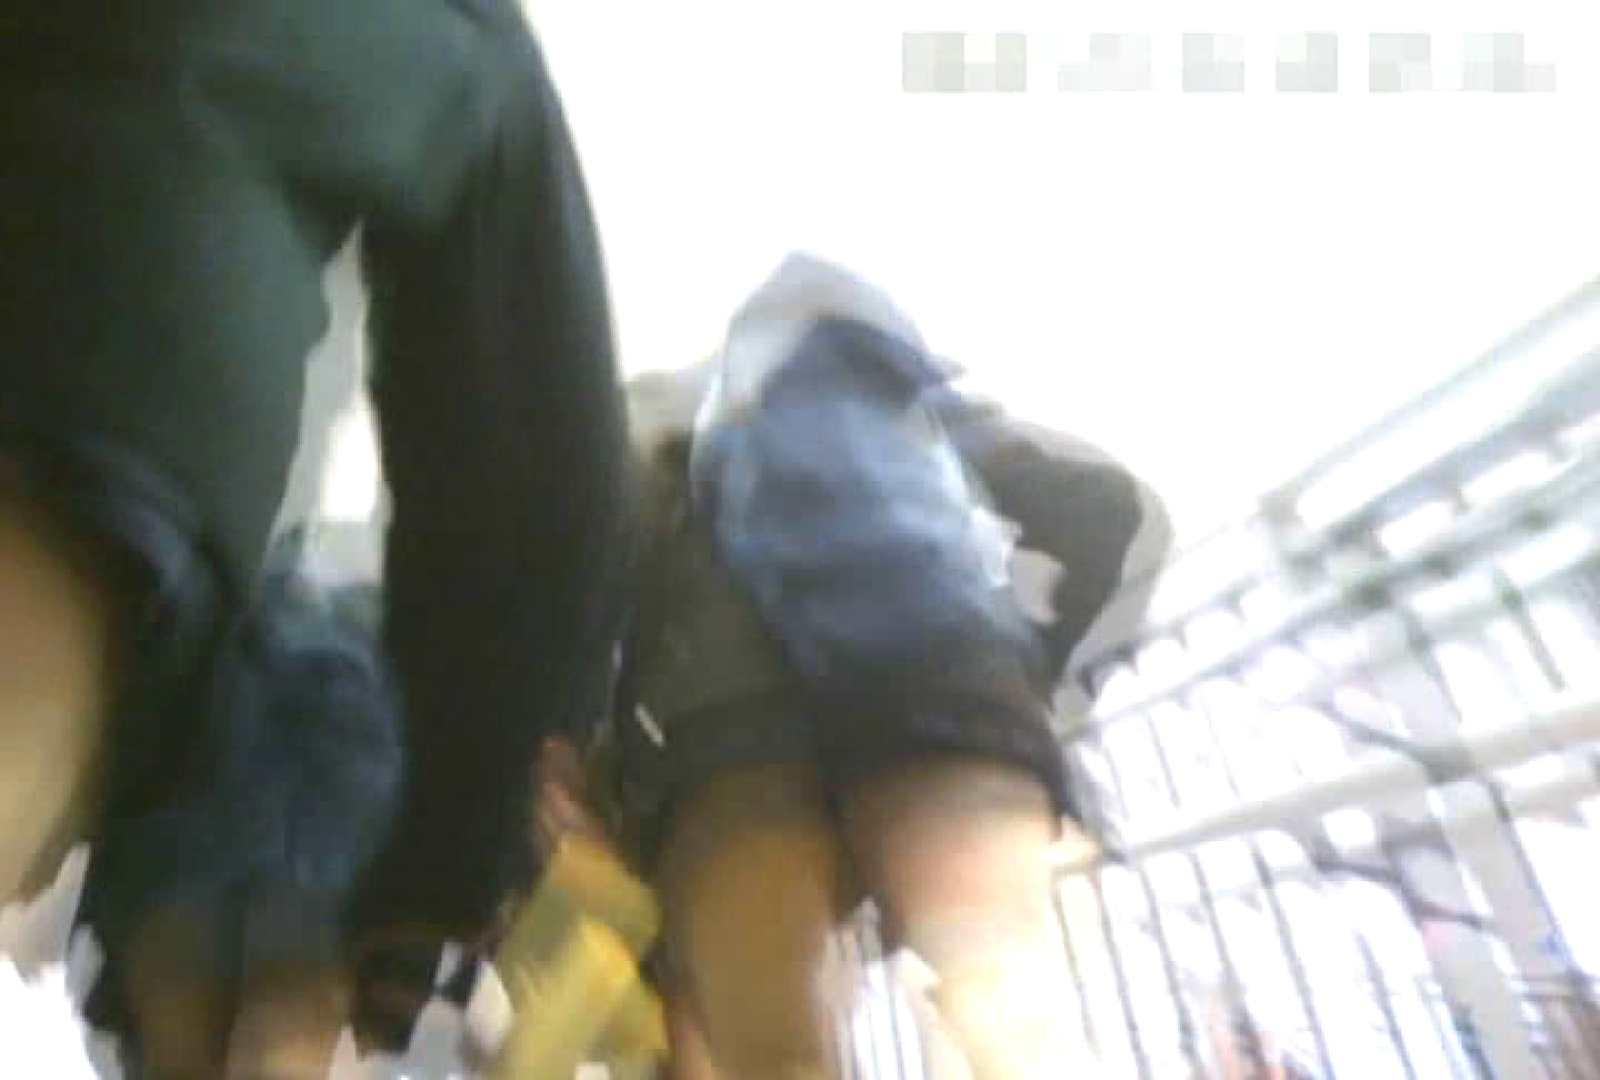 「チキン男」さんの制服ウォッチングVol.2 制服フェチへ ワレメ無修正動画無料 87画像 56